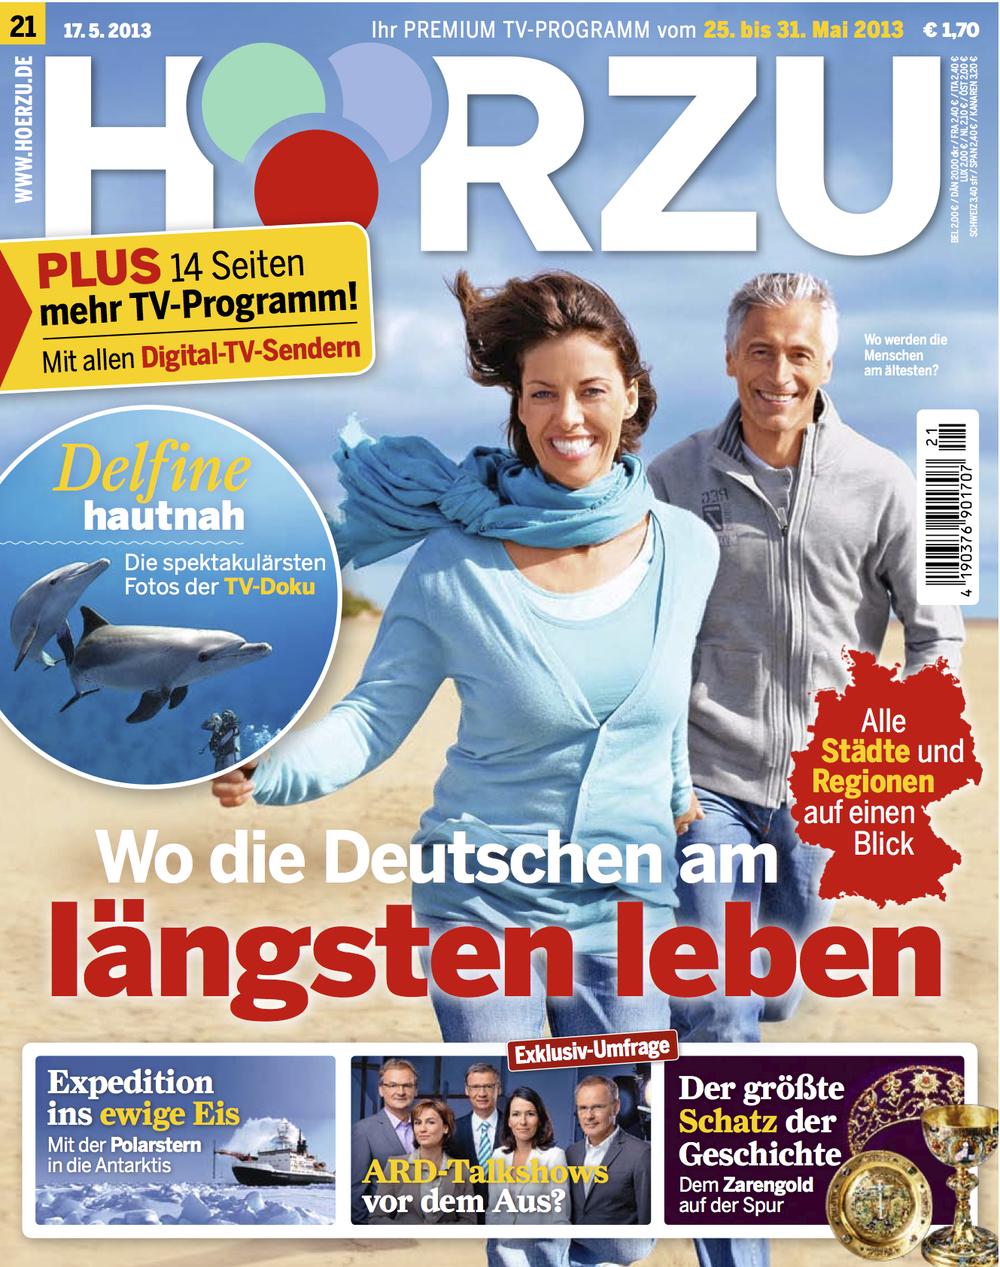 HZ_17.5.2013_Cover.jpg